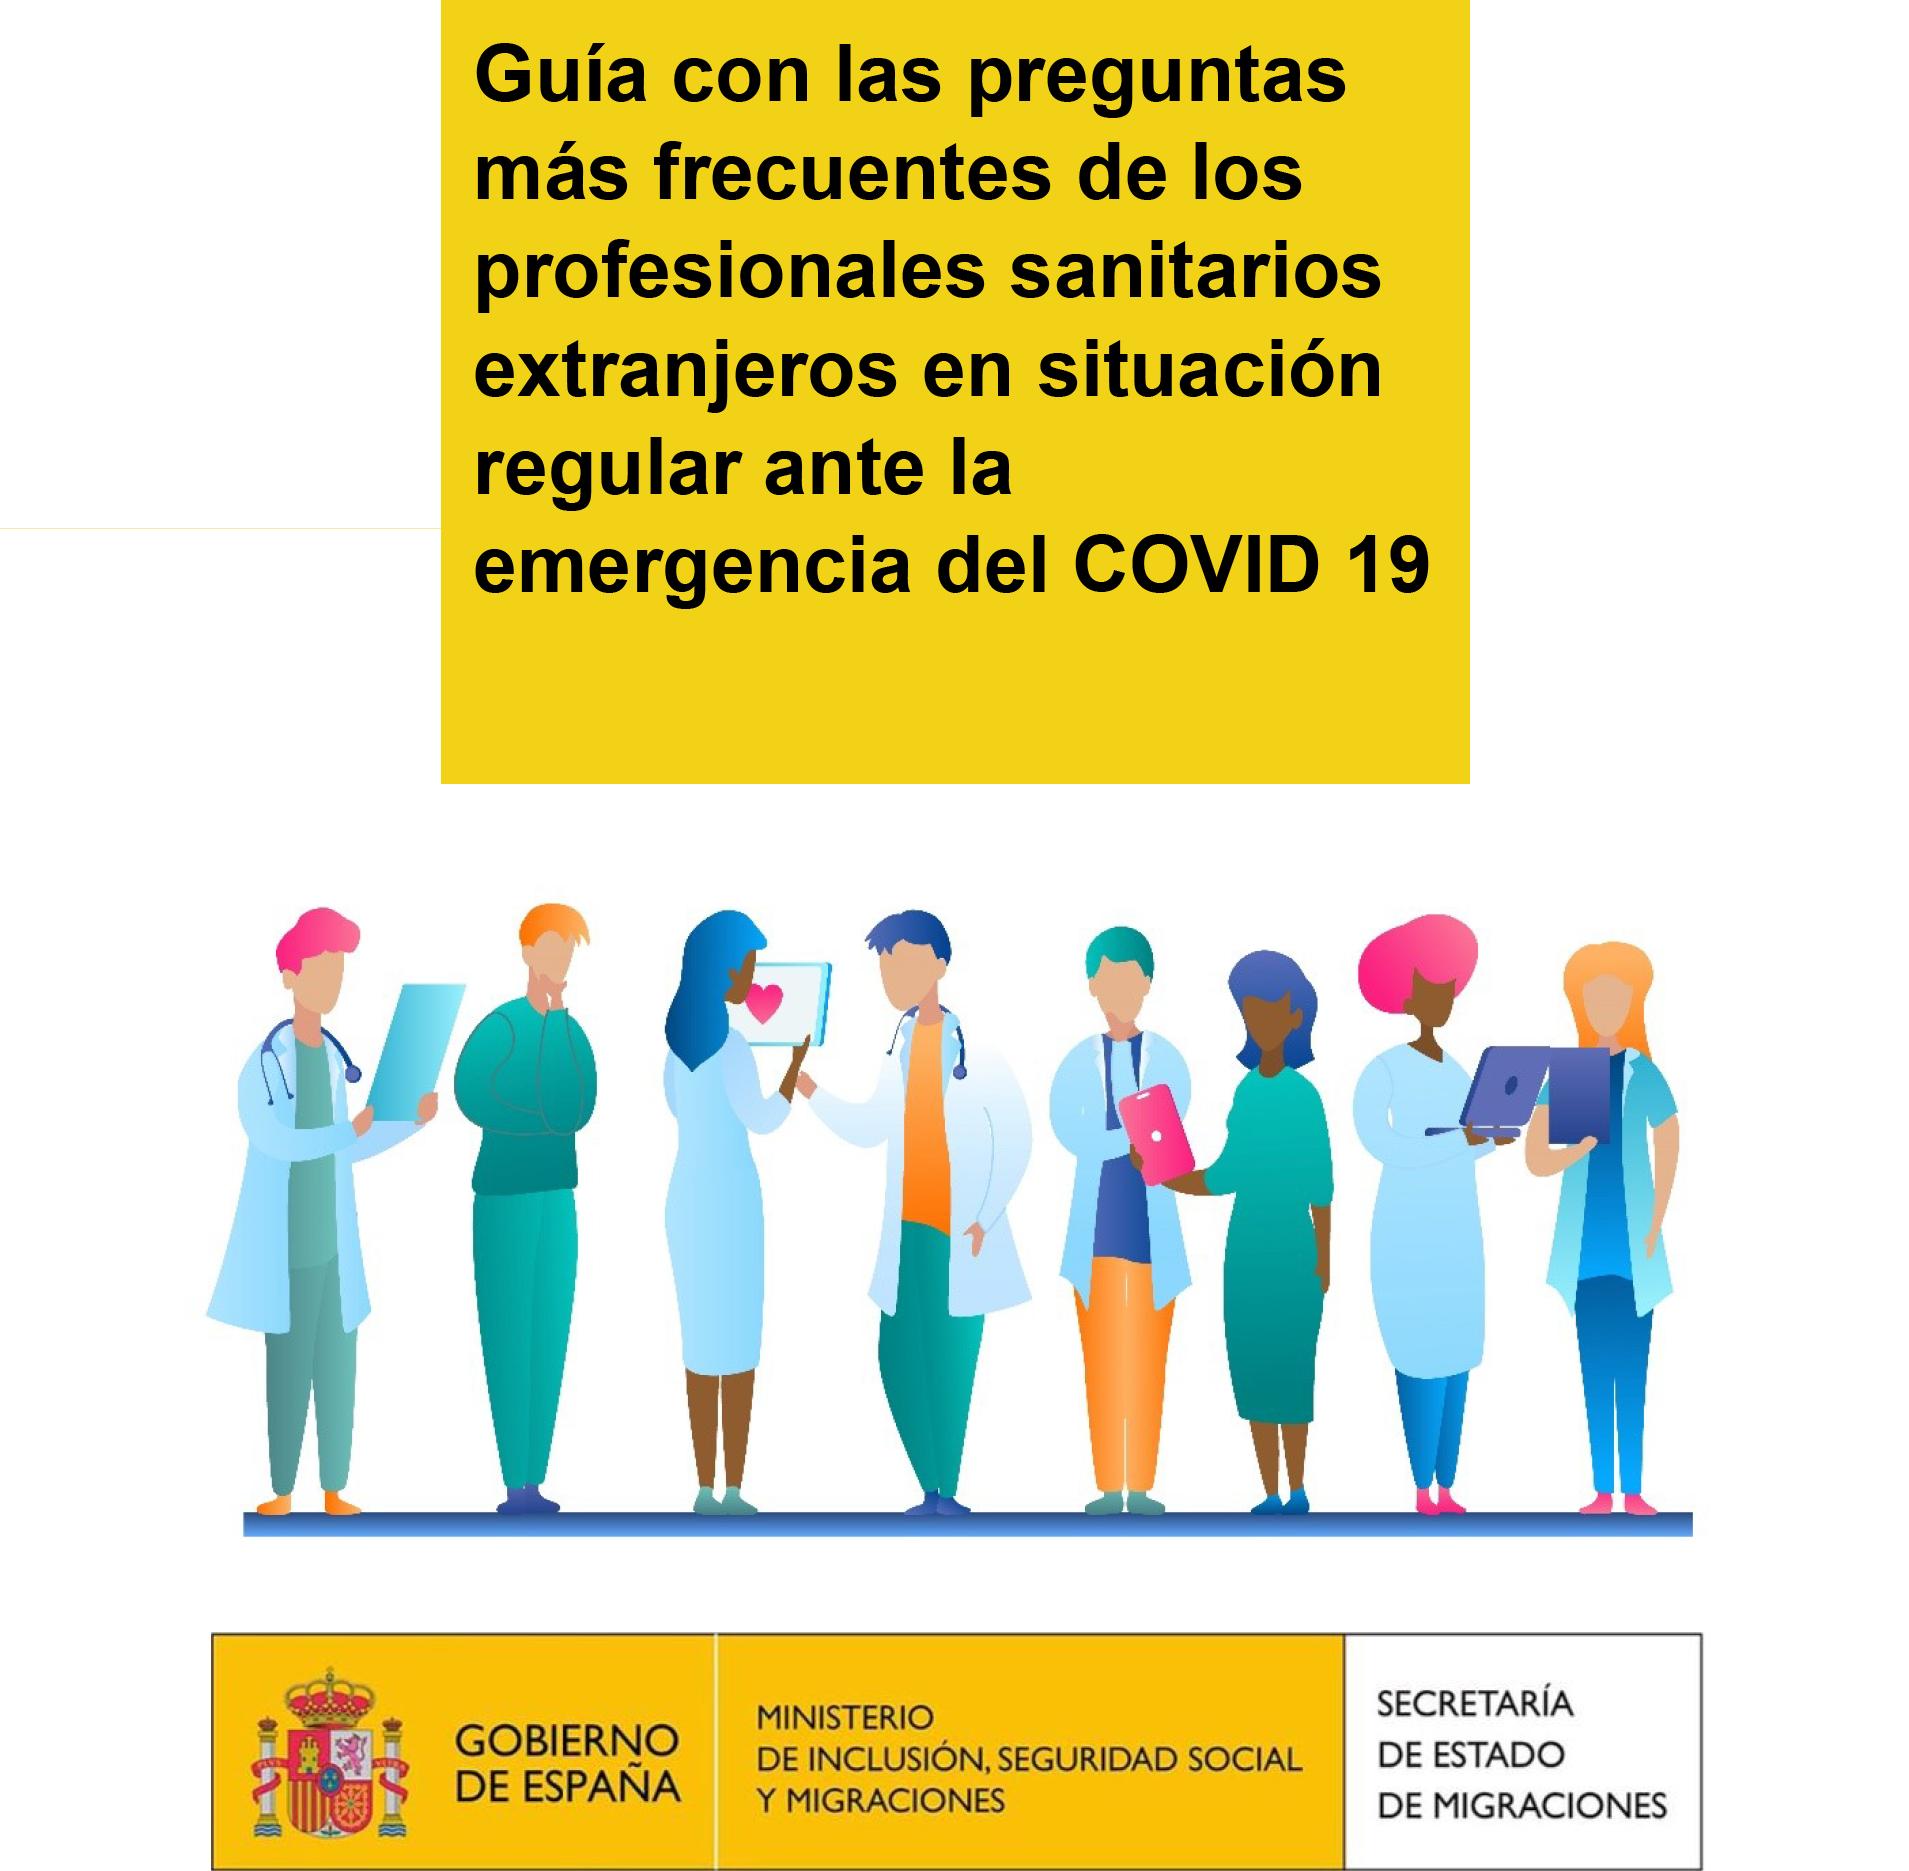 Guía con las preguntas más frecuentes de los profesionales sanitarios extranjeros en situación regular ante la emergencia del COVID 19